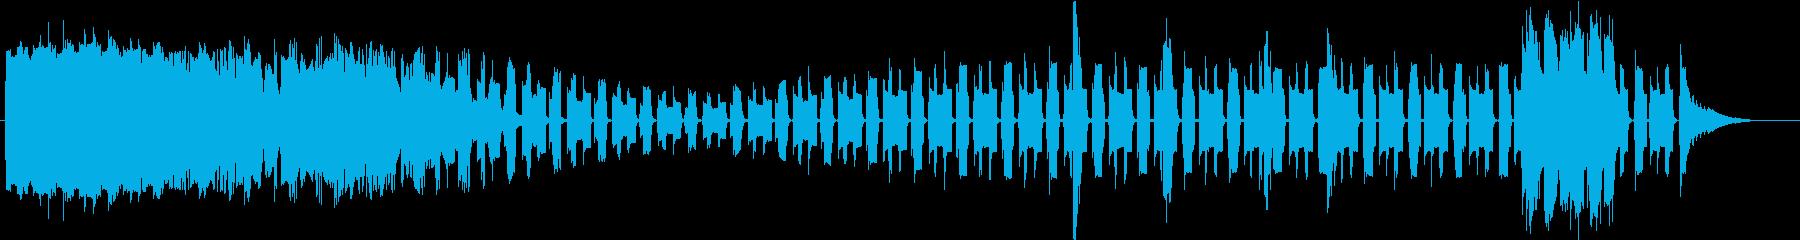 トーンシンセウォブルプロセスサステインの再生済みの波形